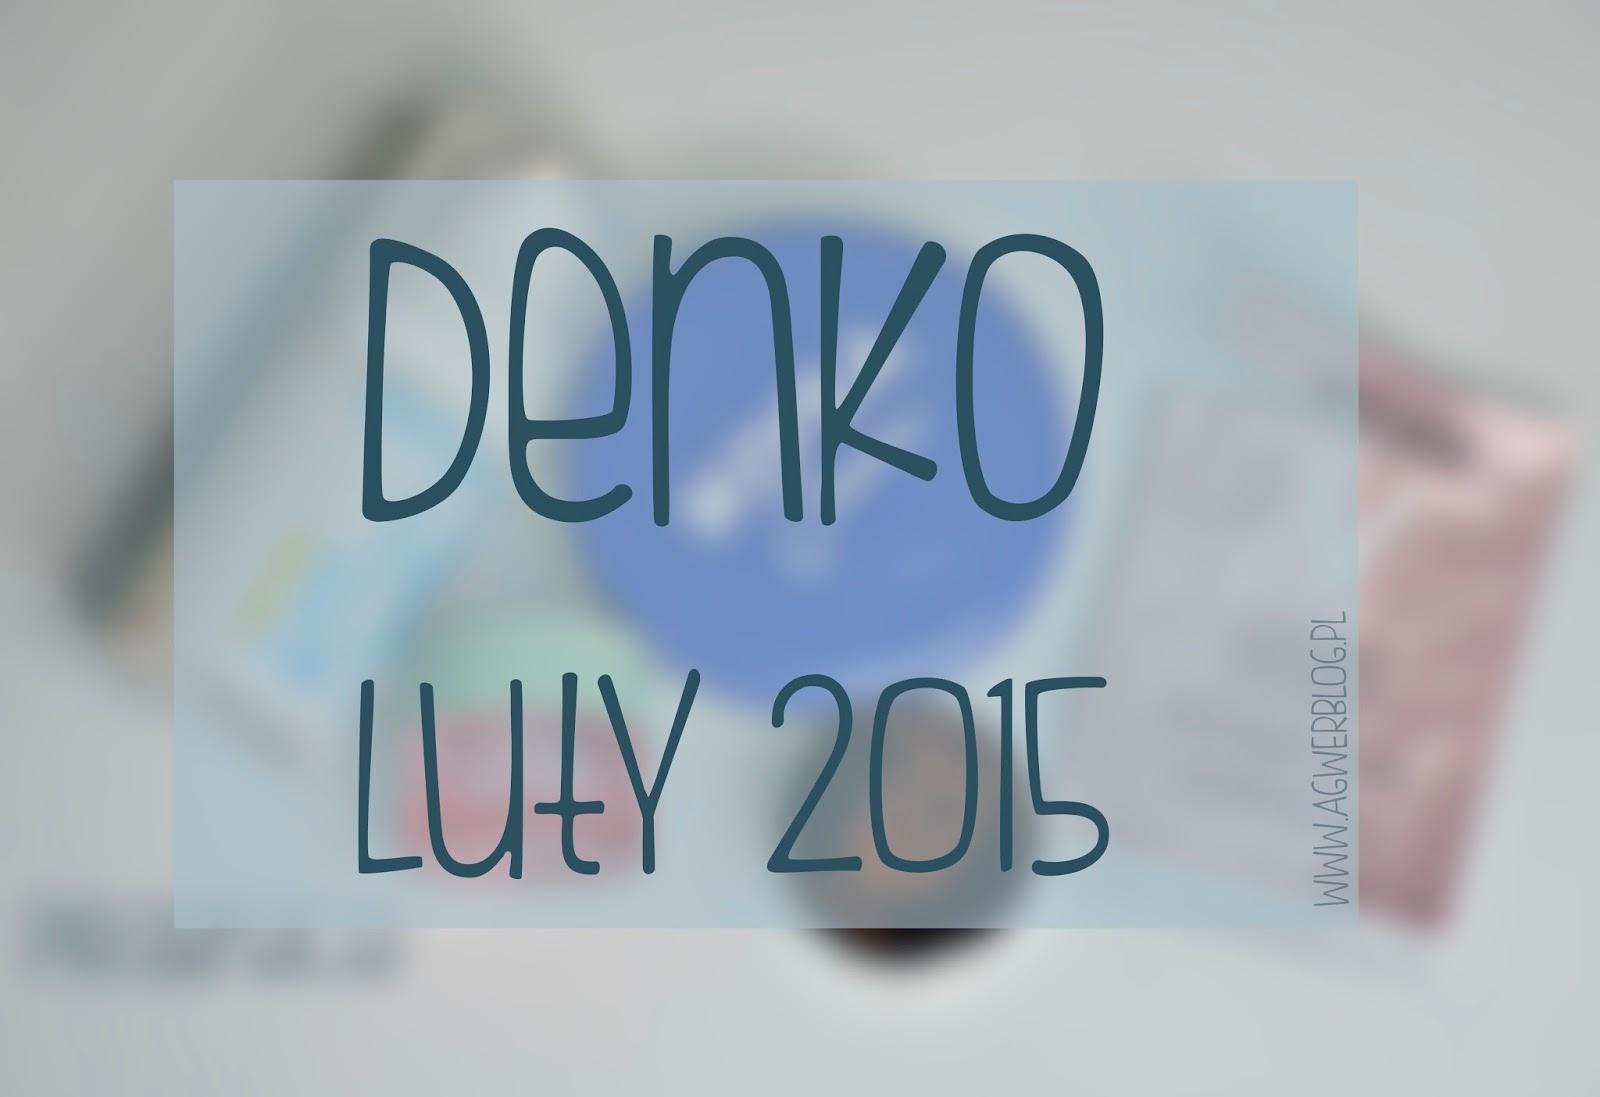 Denko luty 2015